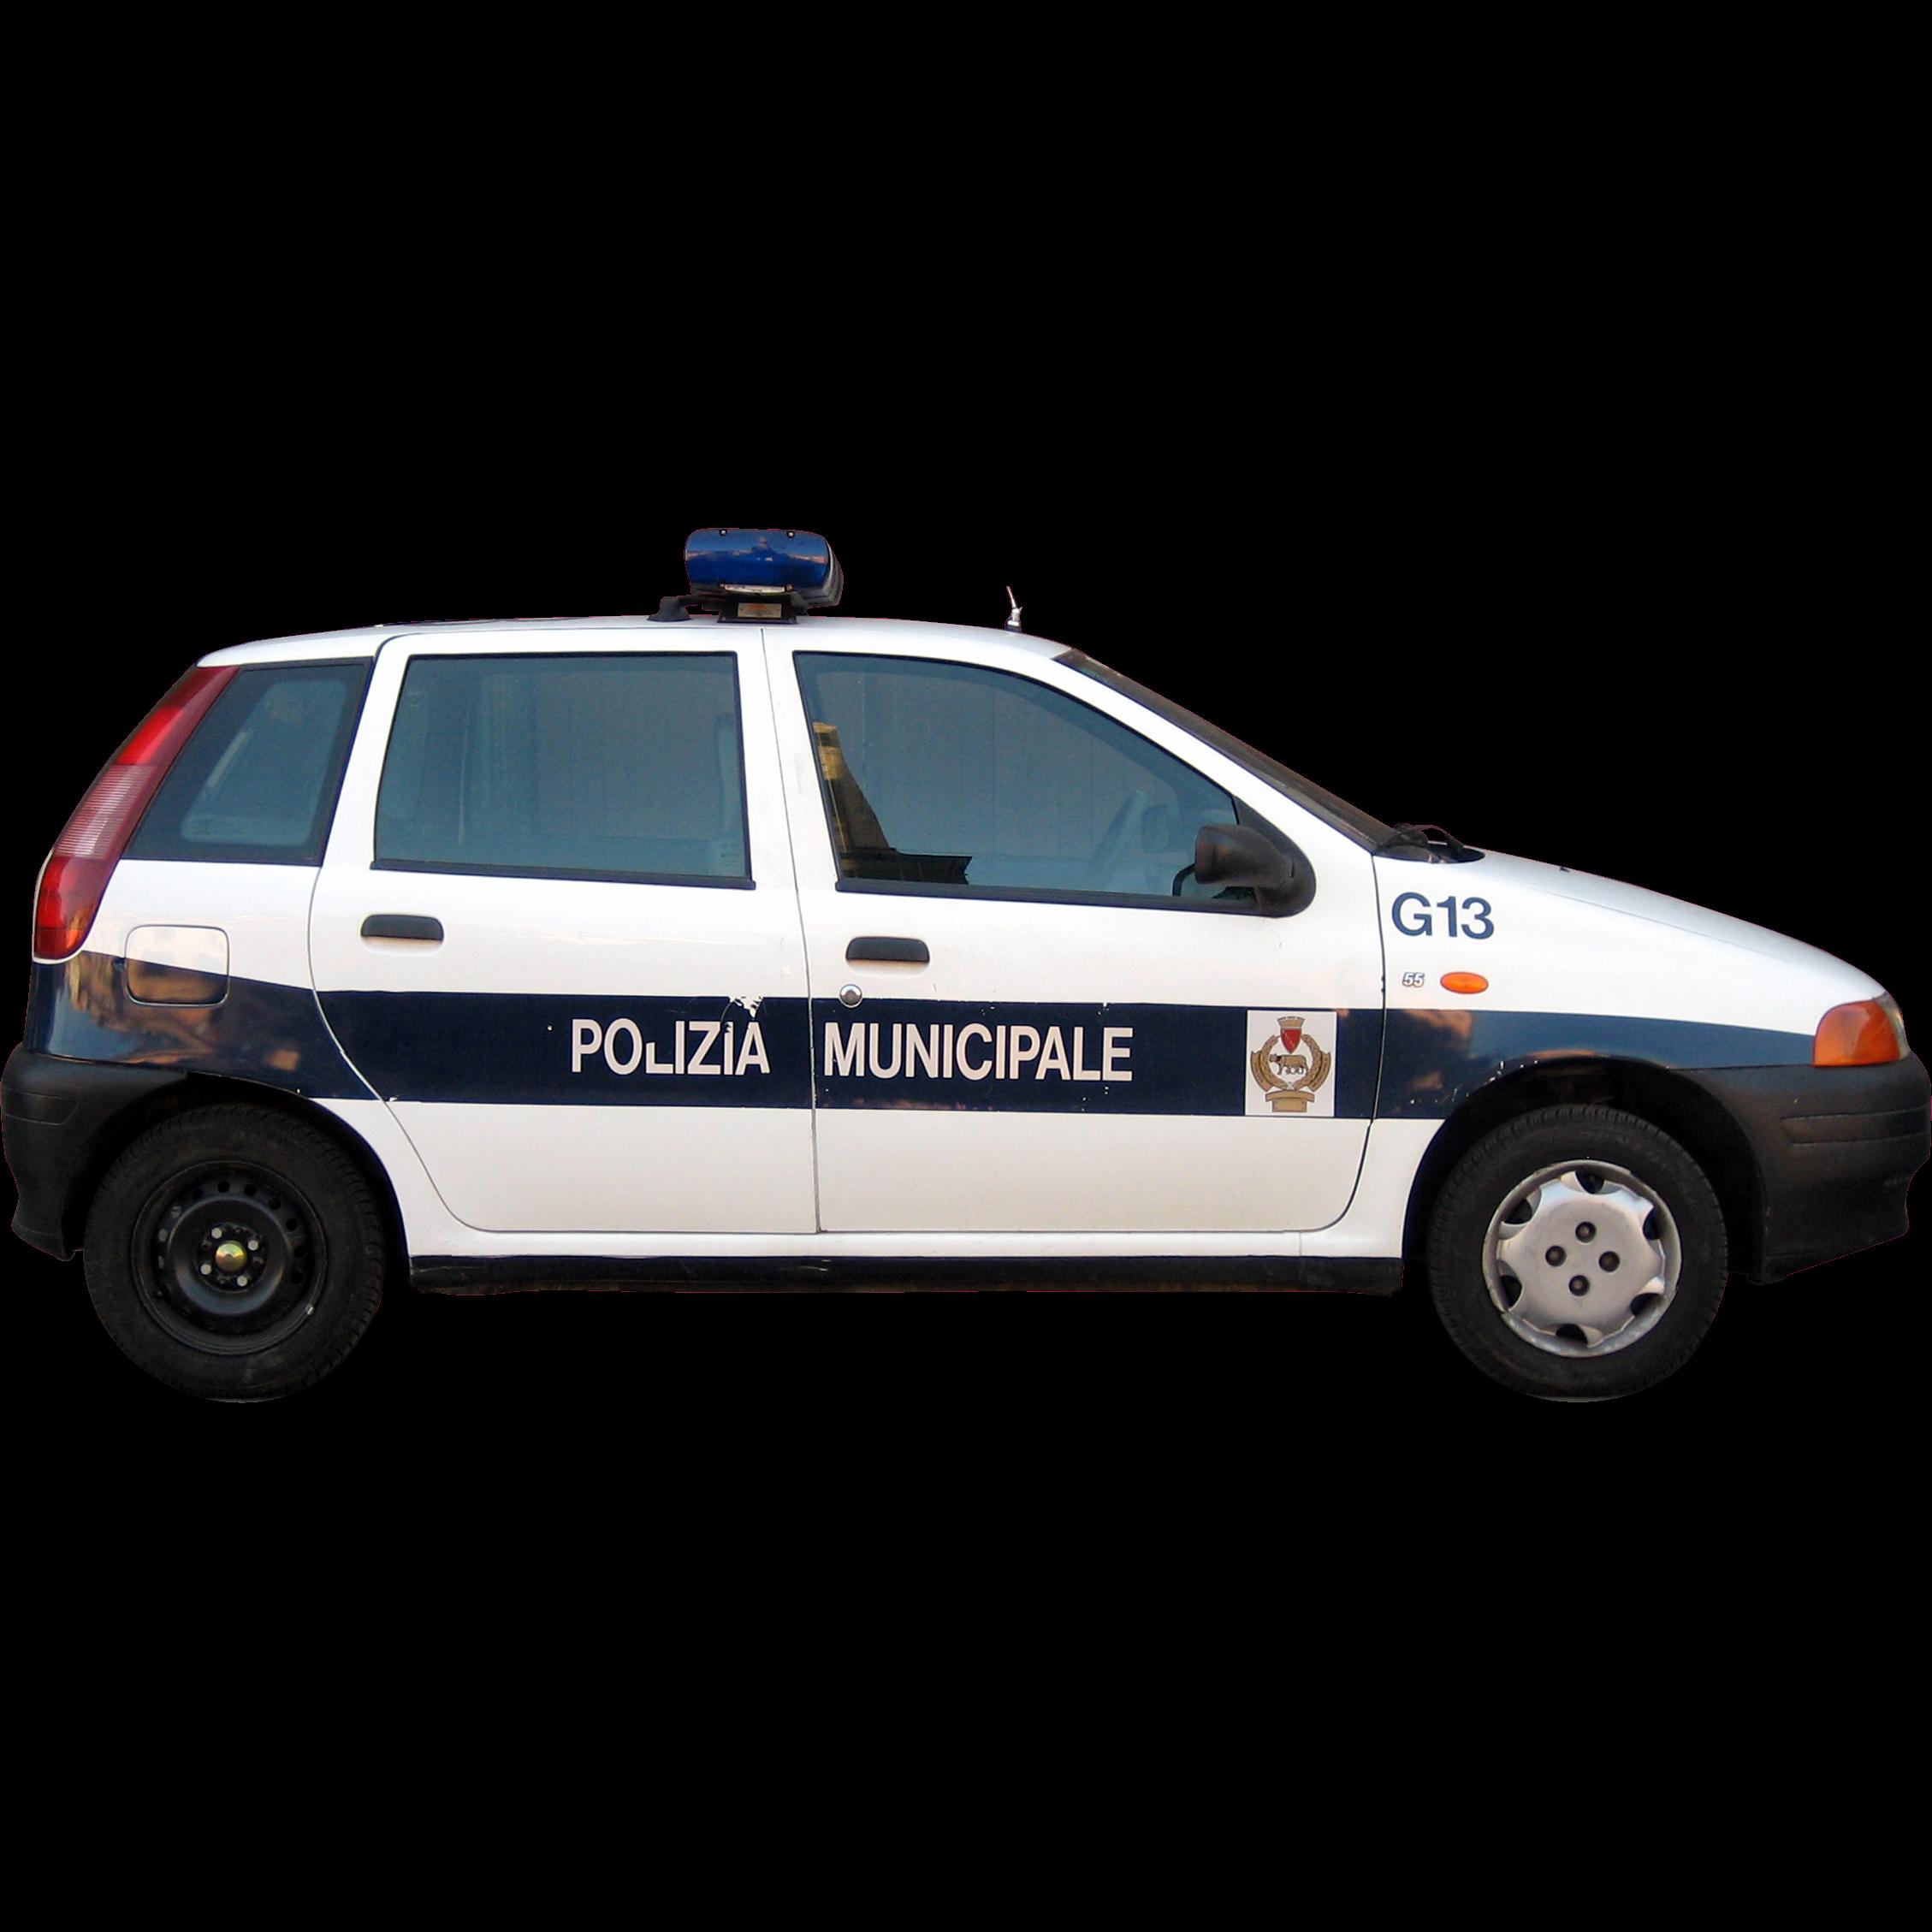 Police Car Png Image Police Cars Police Car